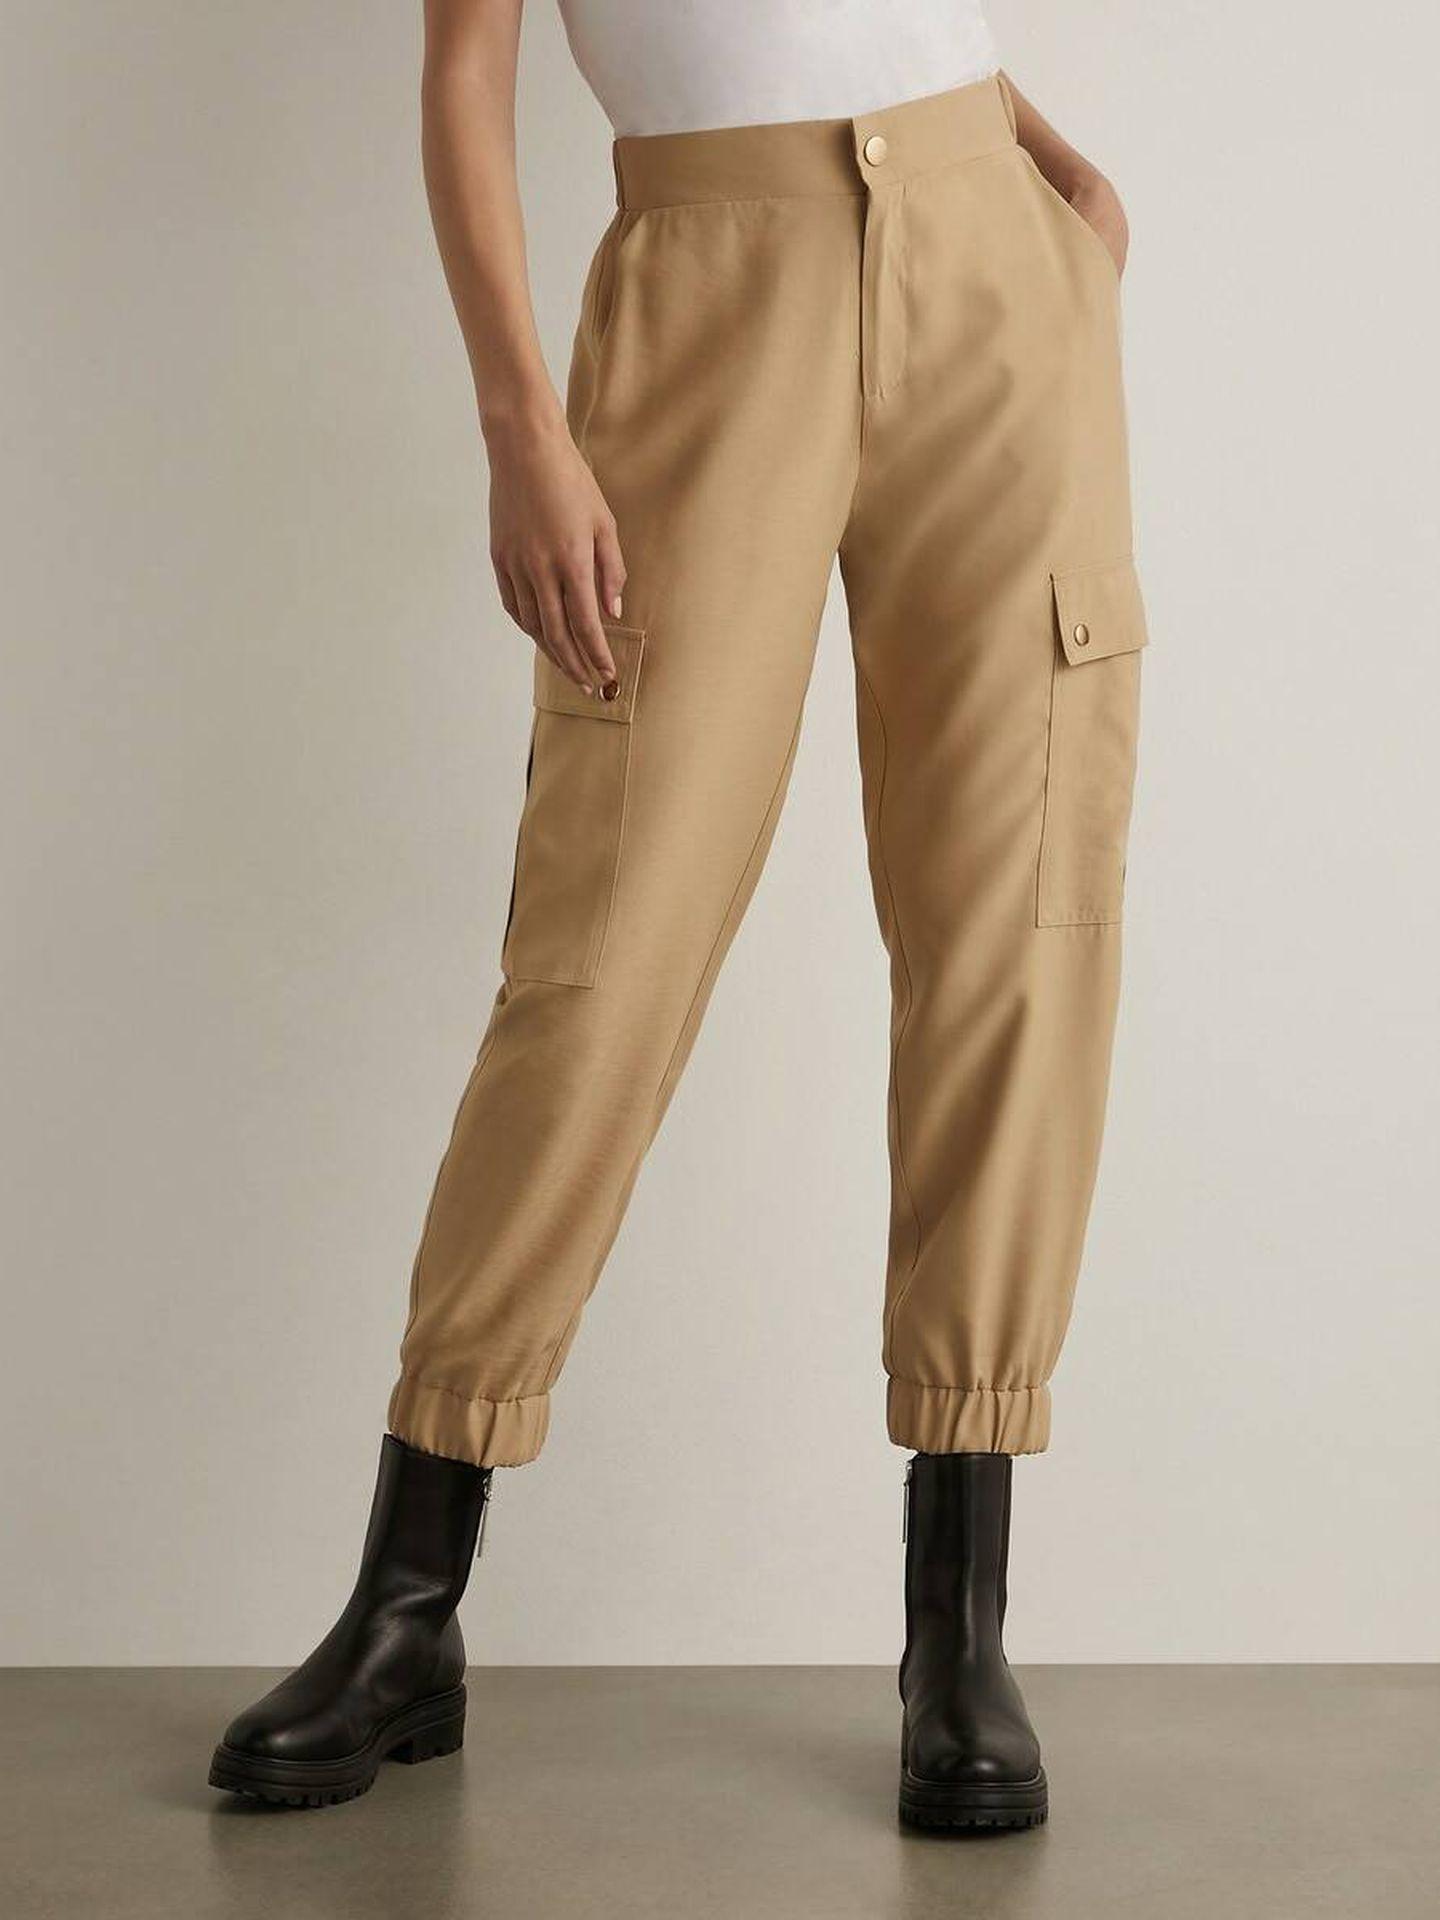 Pantalón Formula Joven a la venta en El Corte Inglés. (Cortesía)